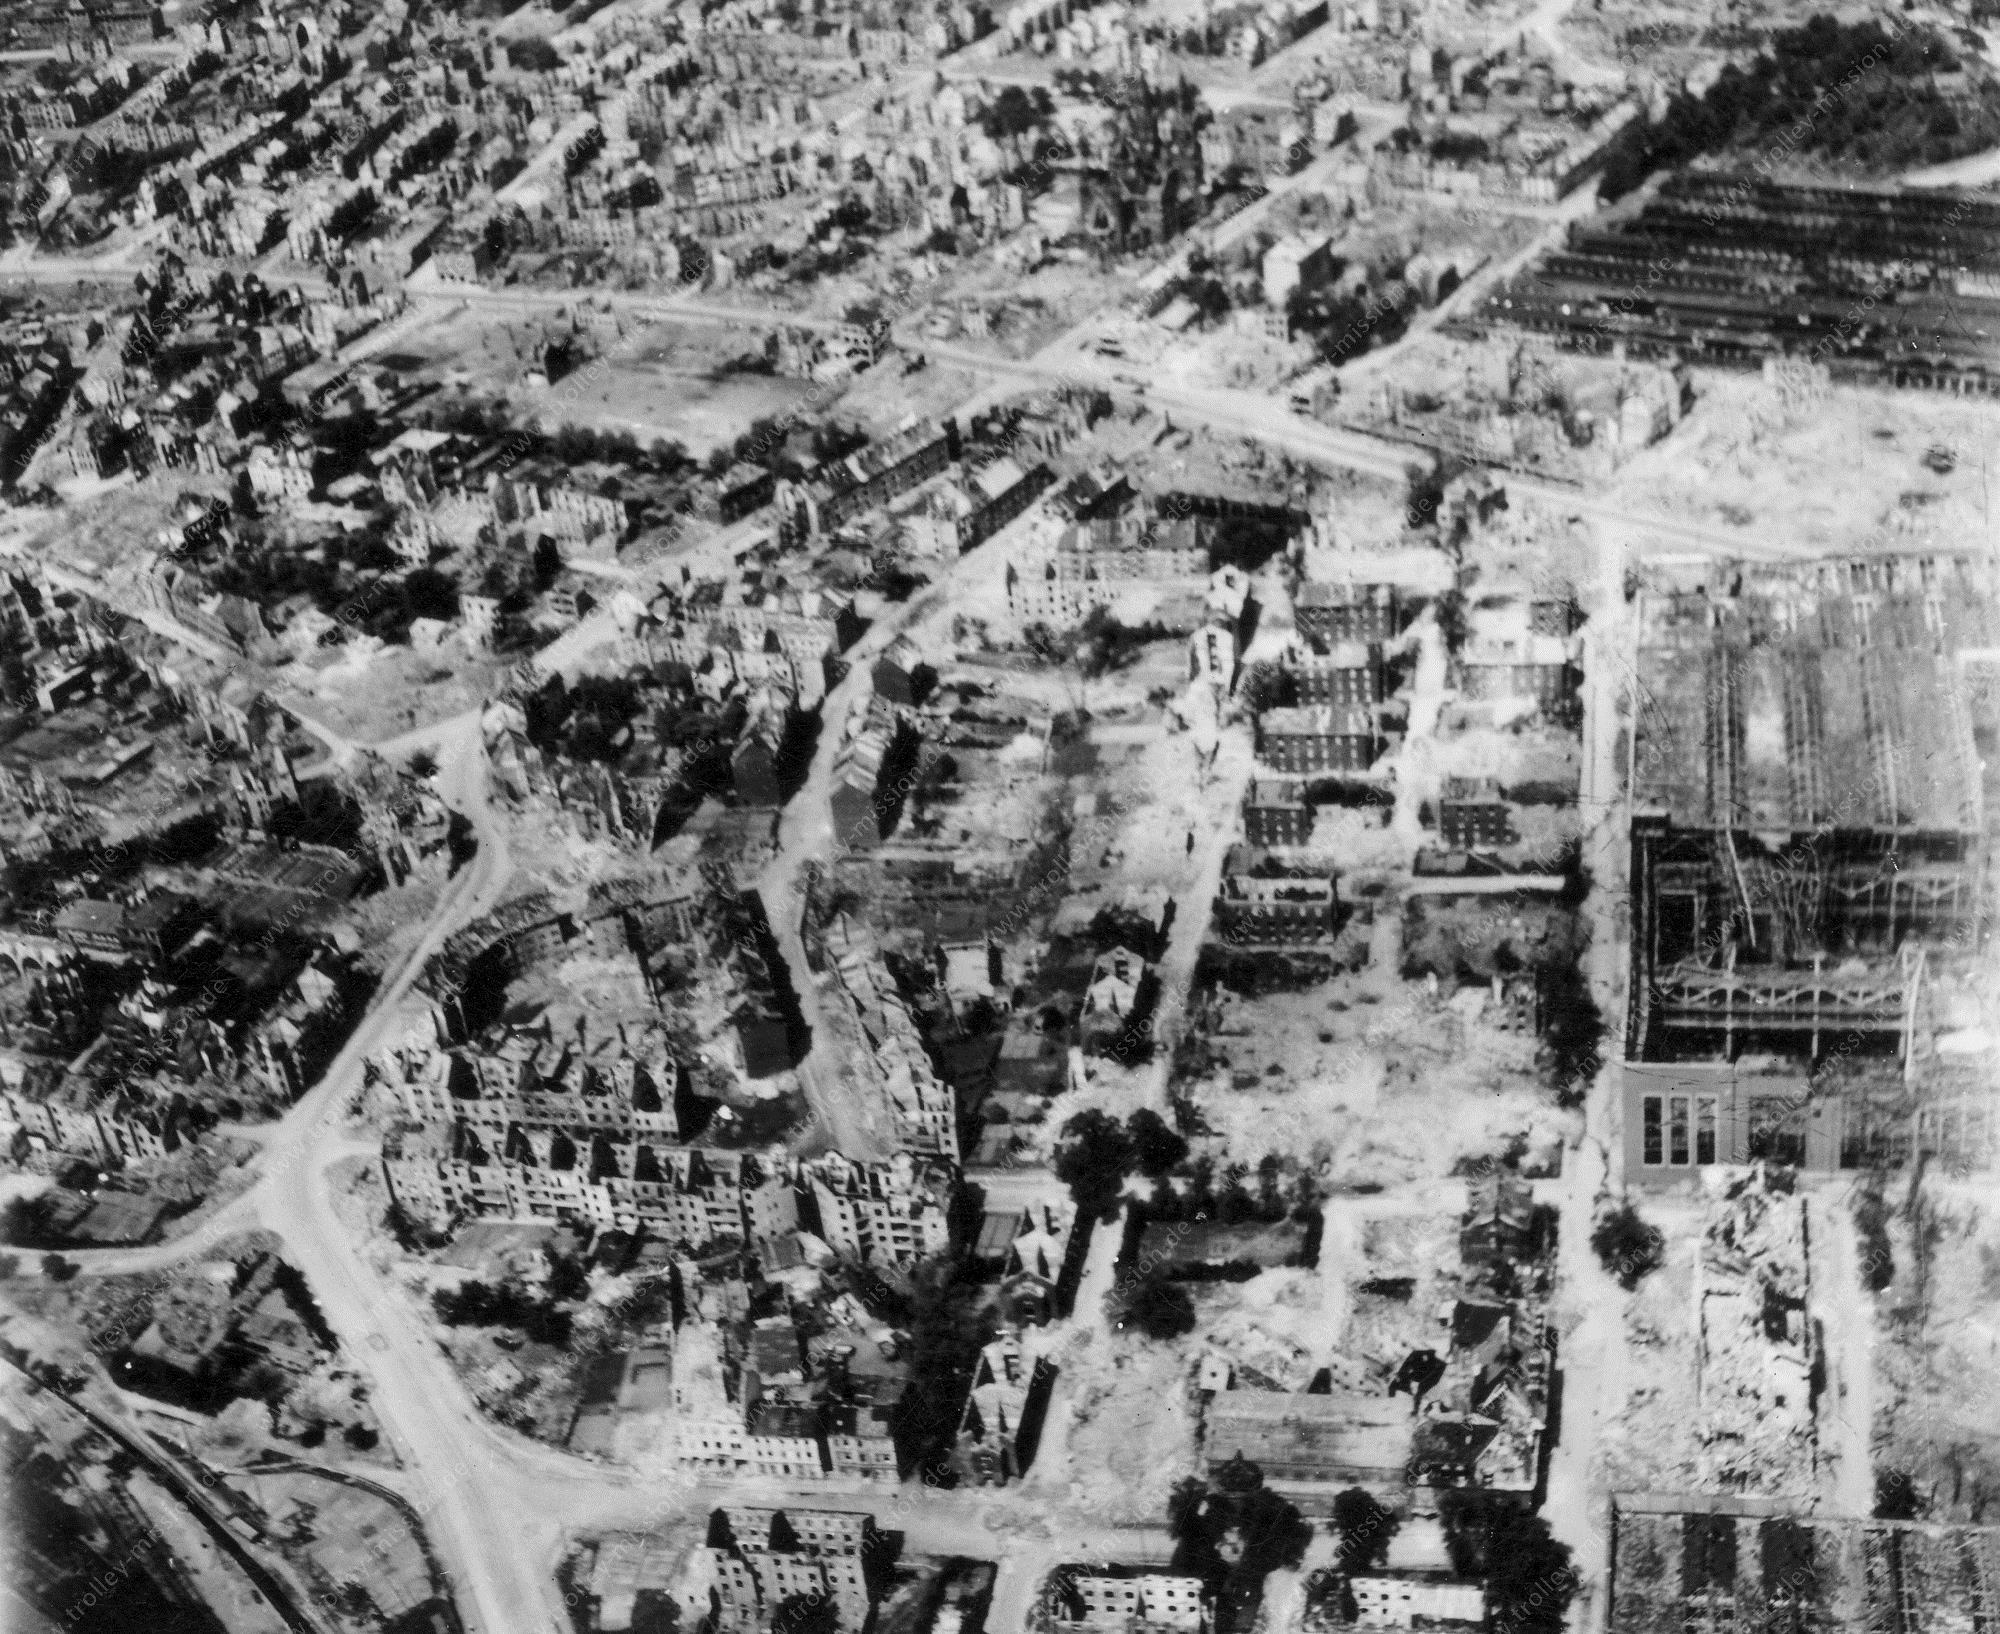 Luftbild von Essen im Mai 1945 - Sälzerstraße, Helmholtzstraße und Buddestraße sowie Krupp-Werke an der Haedenkampstraße